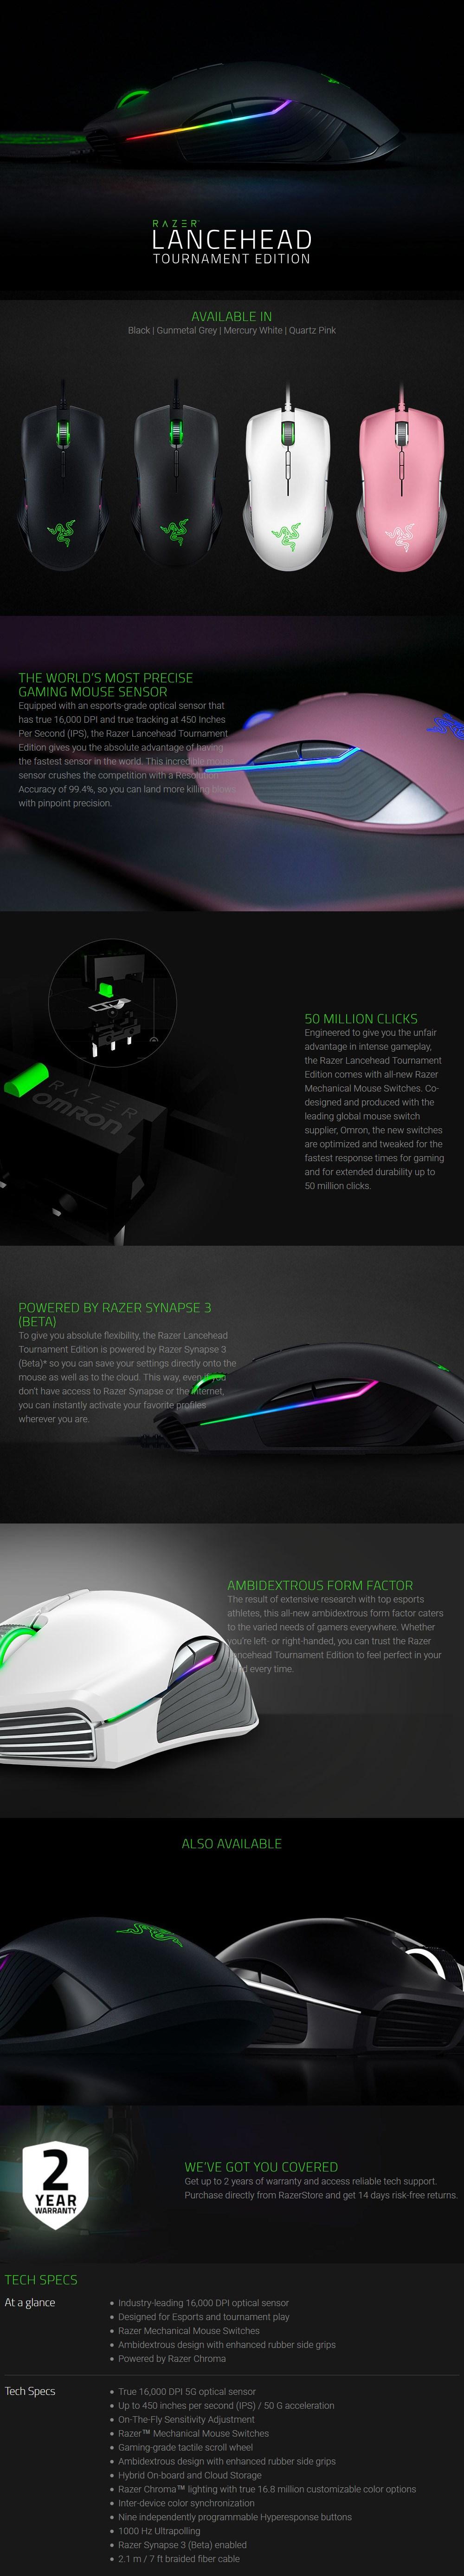 Razer Lancehead Tournament Edition Ambidextrous Gaming Mouse - Quartz Edition - Desktop Overview 1